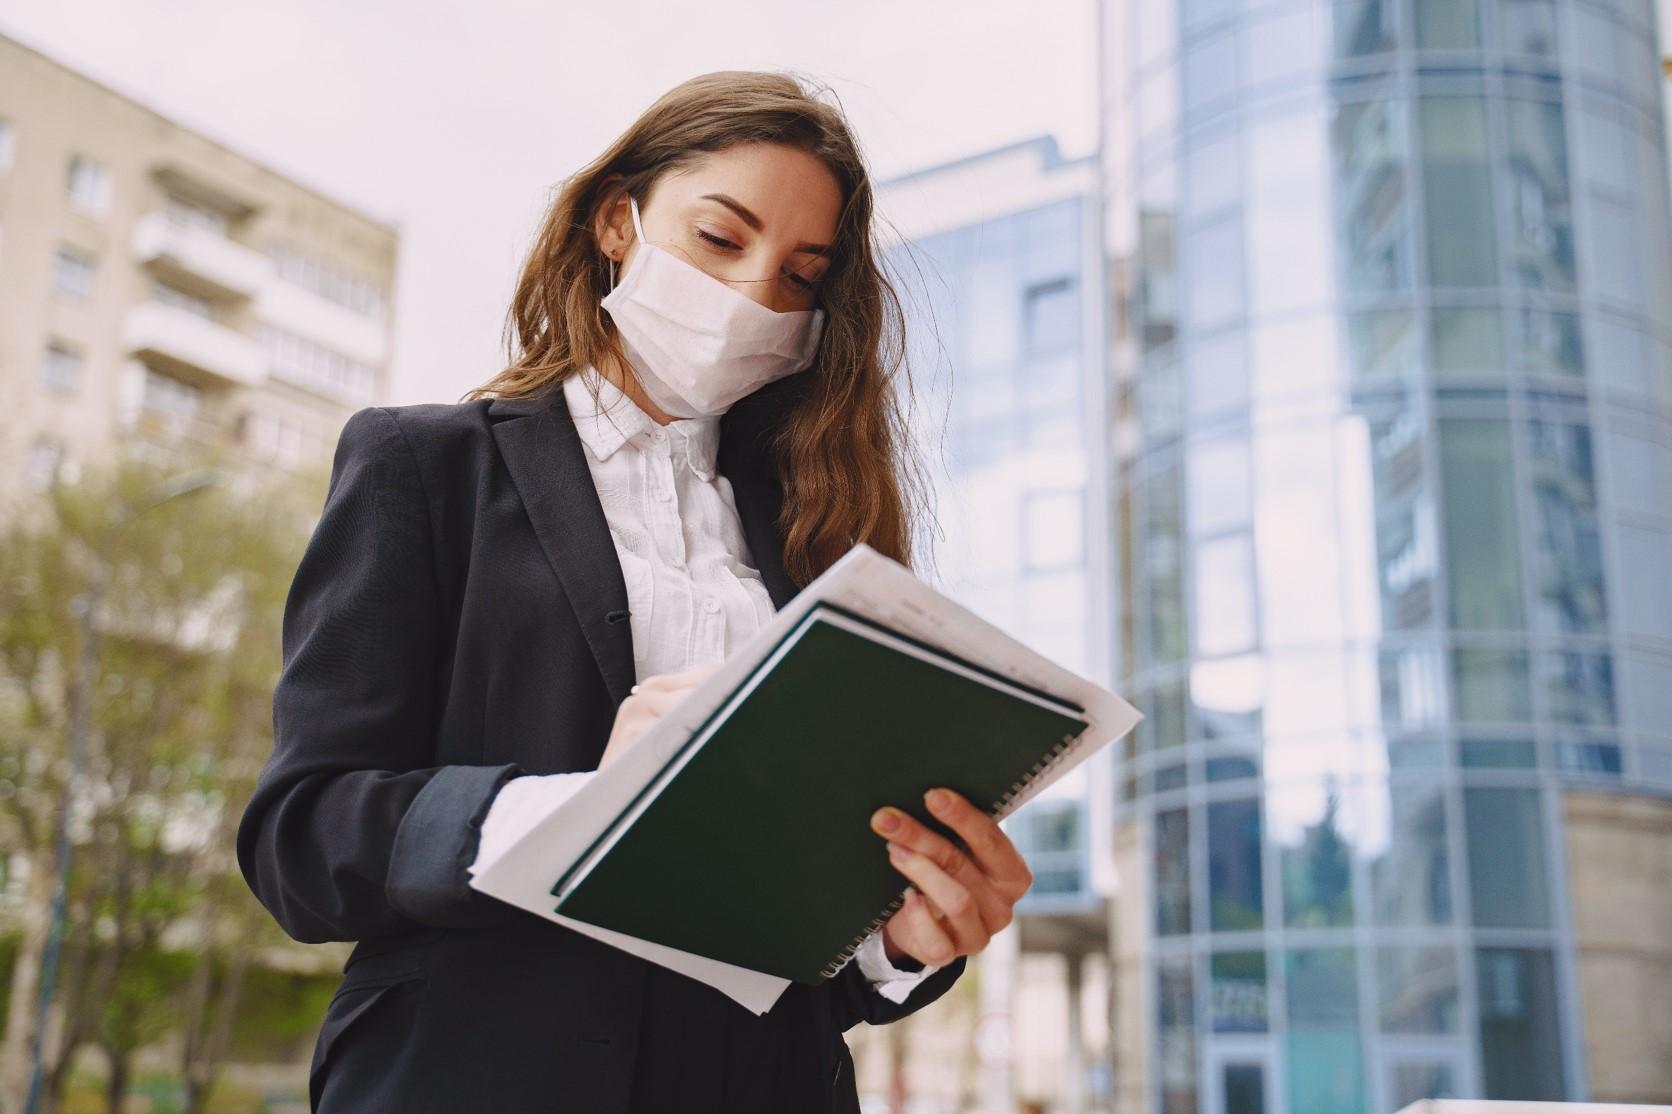 Zmiany w umowach zawartych w trybie zamówień publicznych. Nowe rozwiązania w dobie epidemii COVID-19, cz. 2